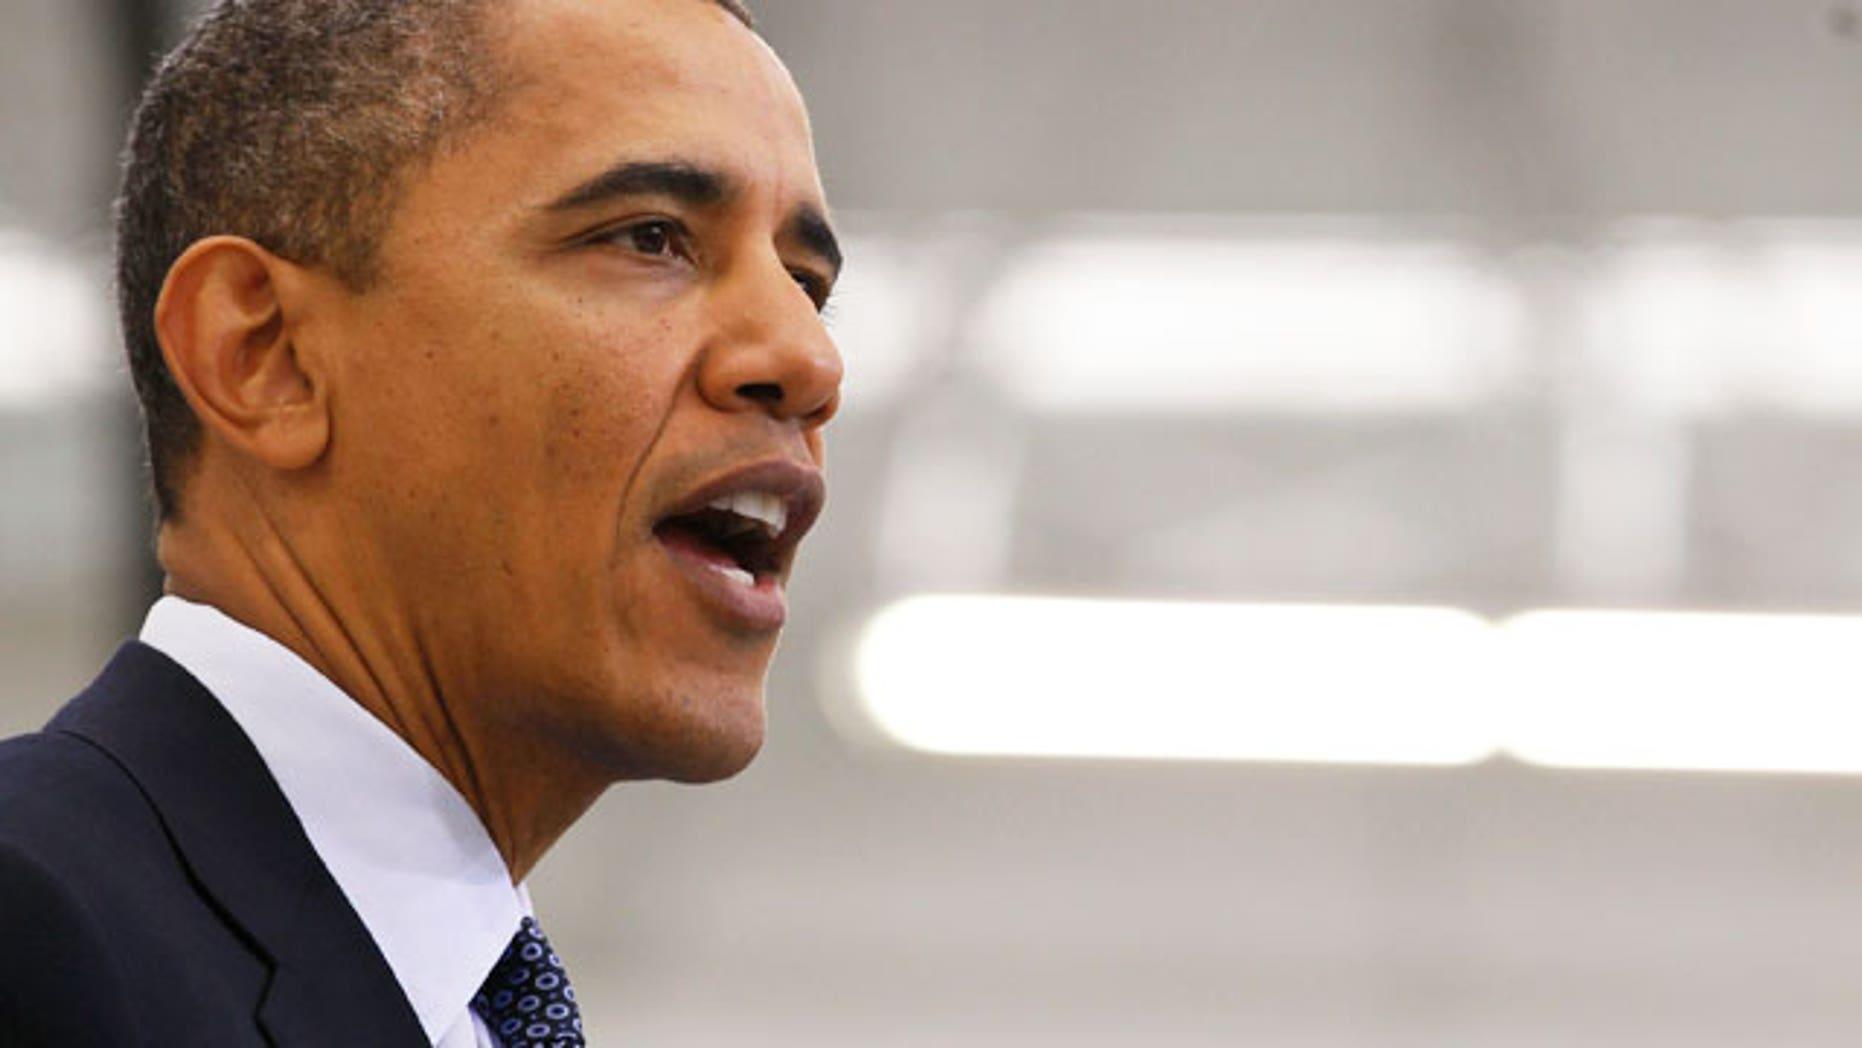 President Barack Obama (REUTERS)